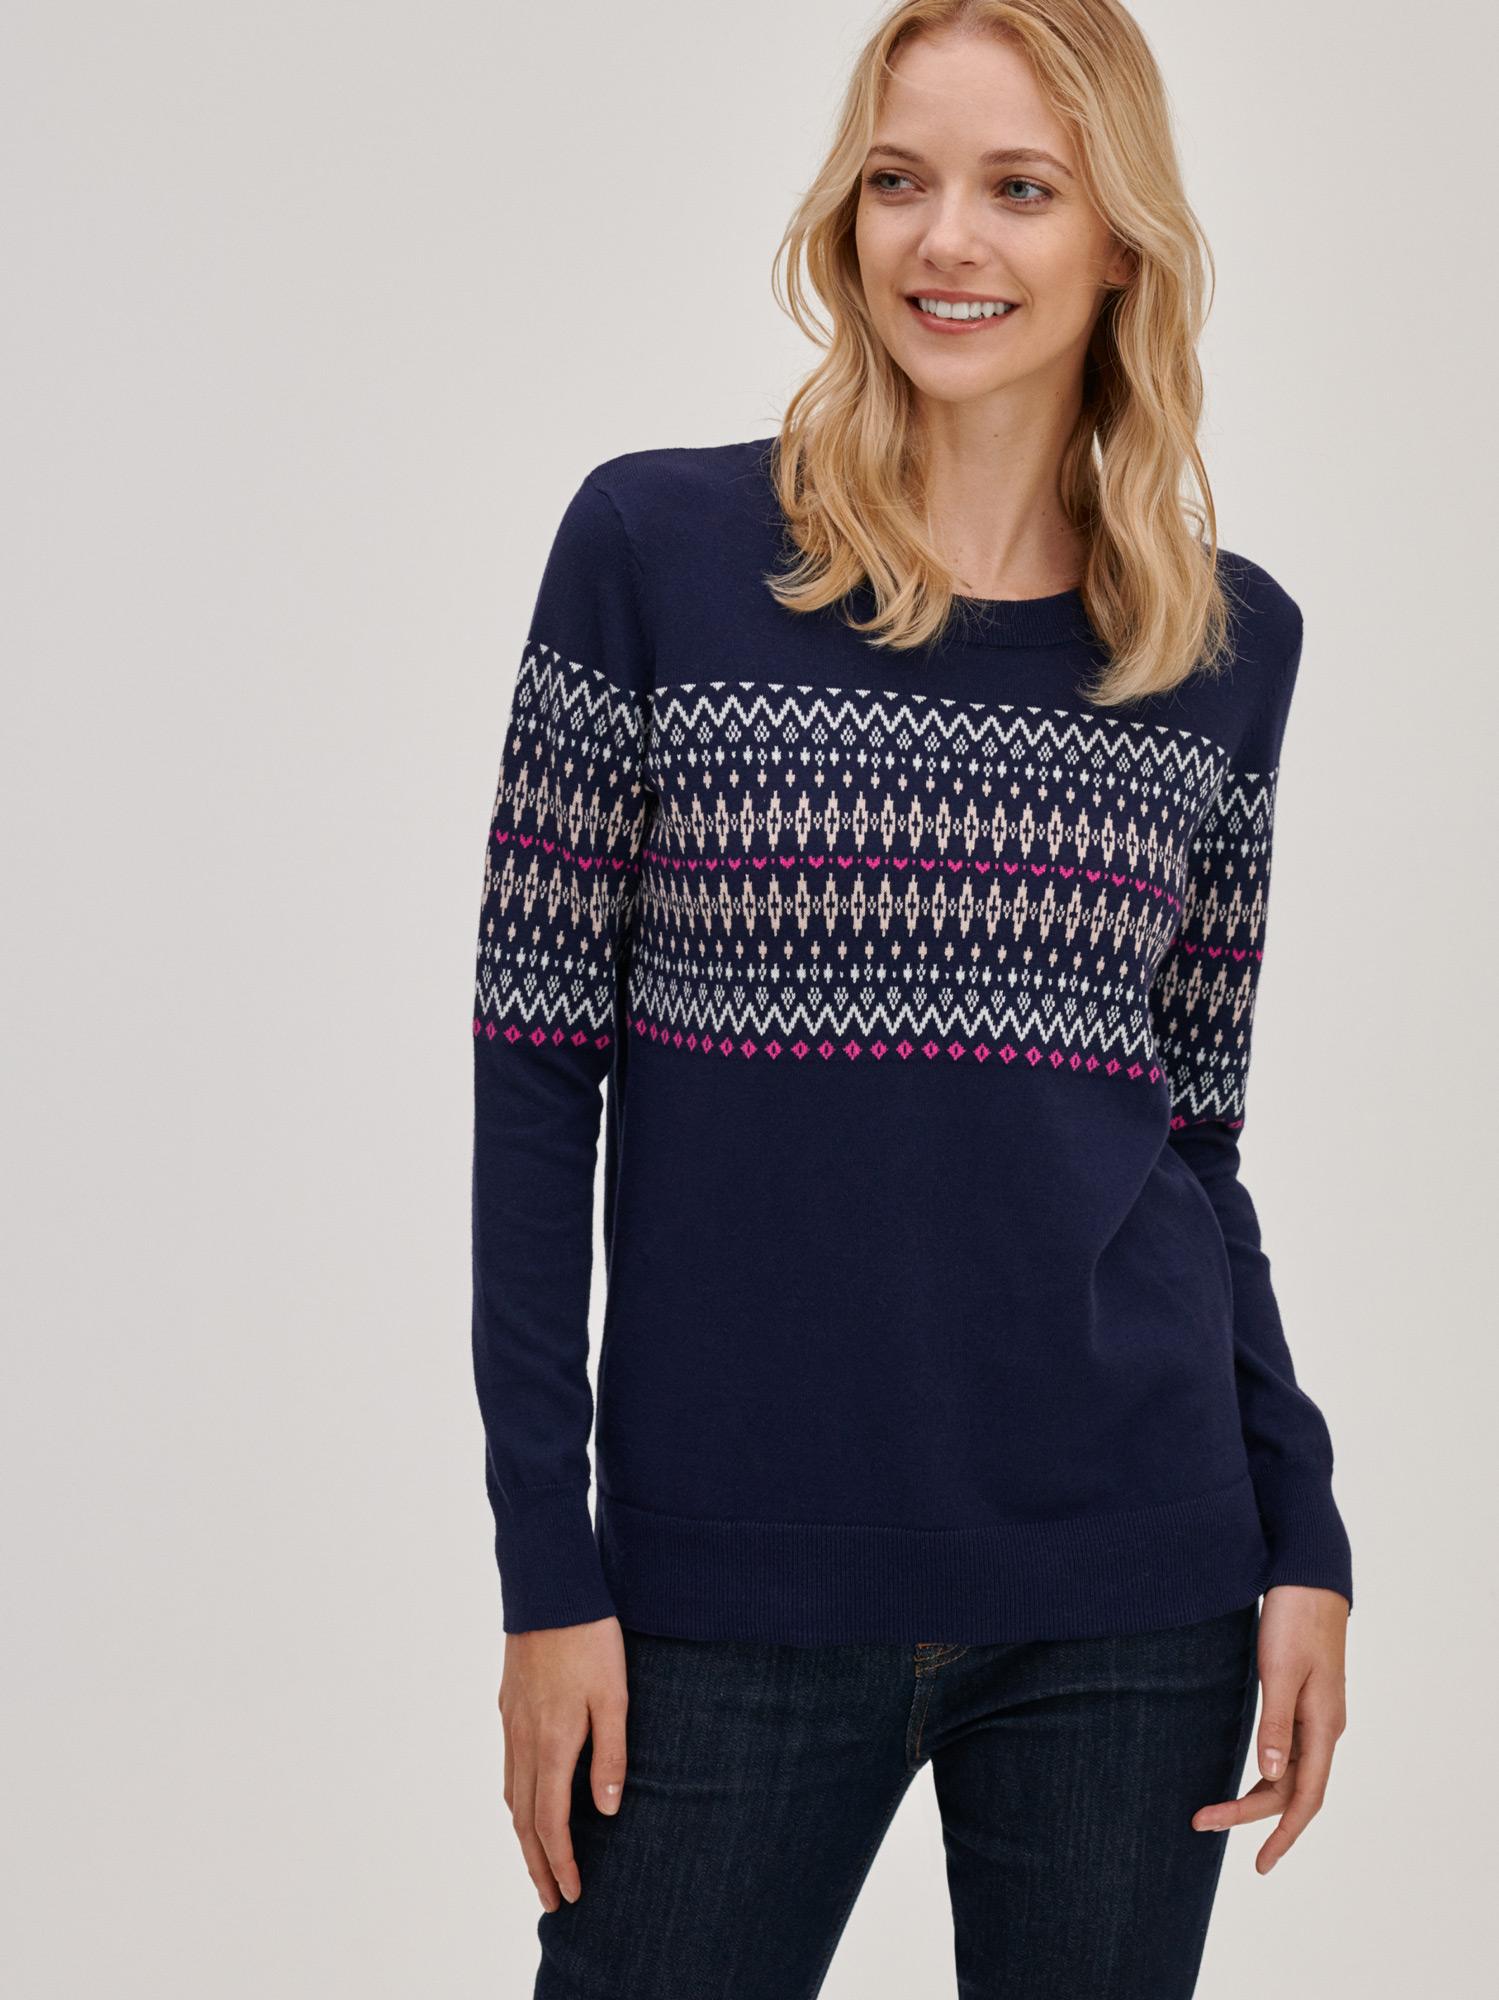 Modrý dámský svetr Pletený se vzorem GAP - XXS